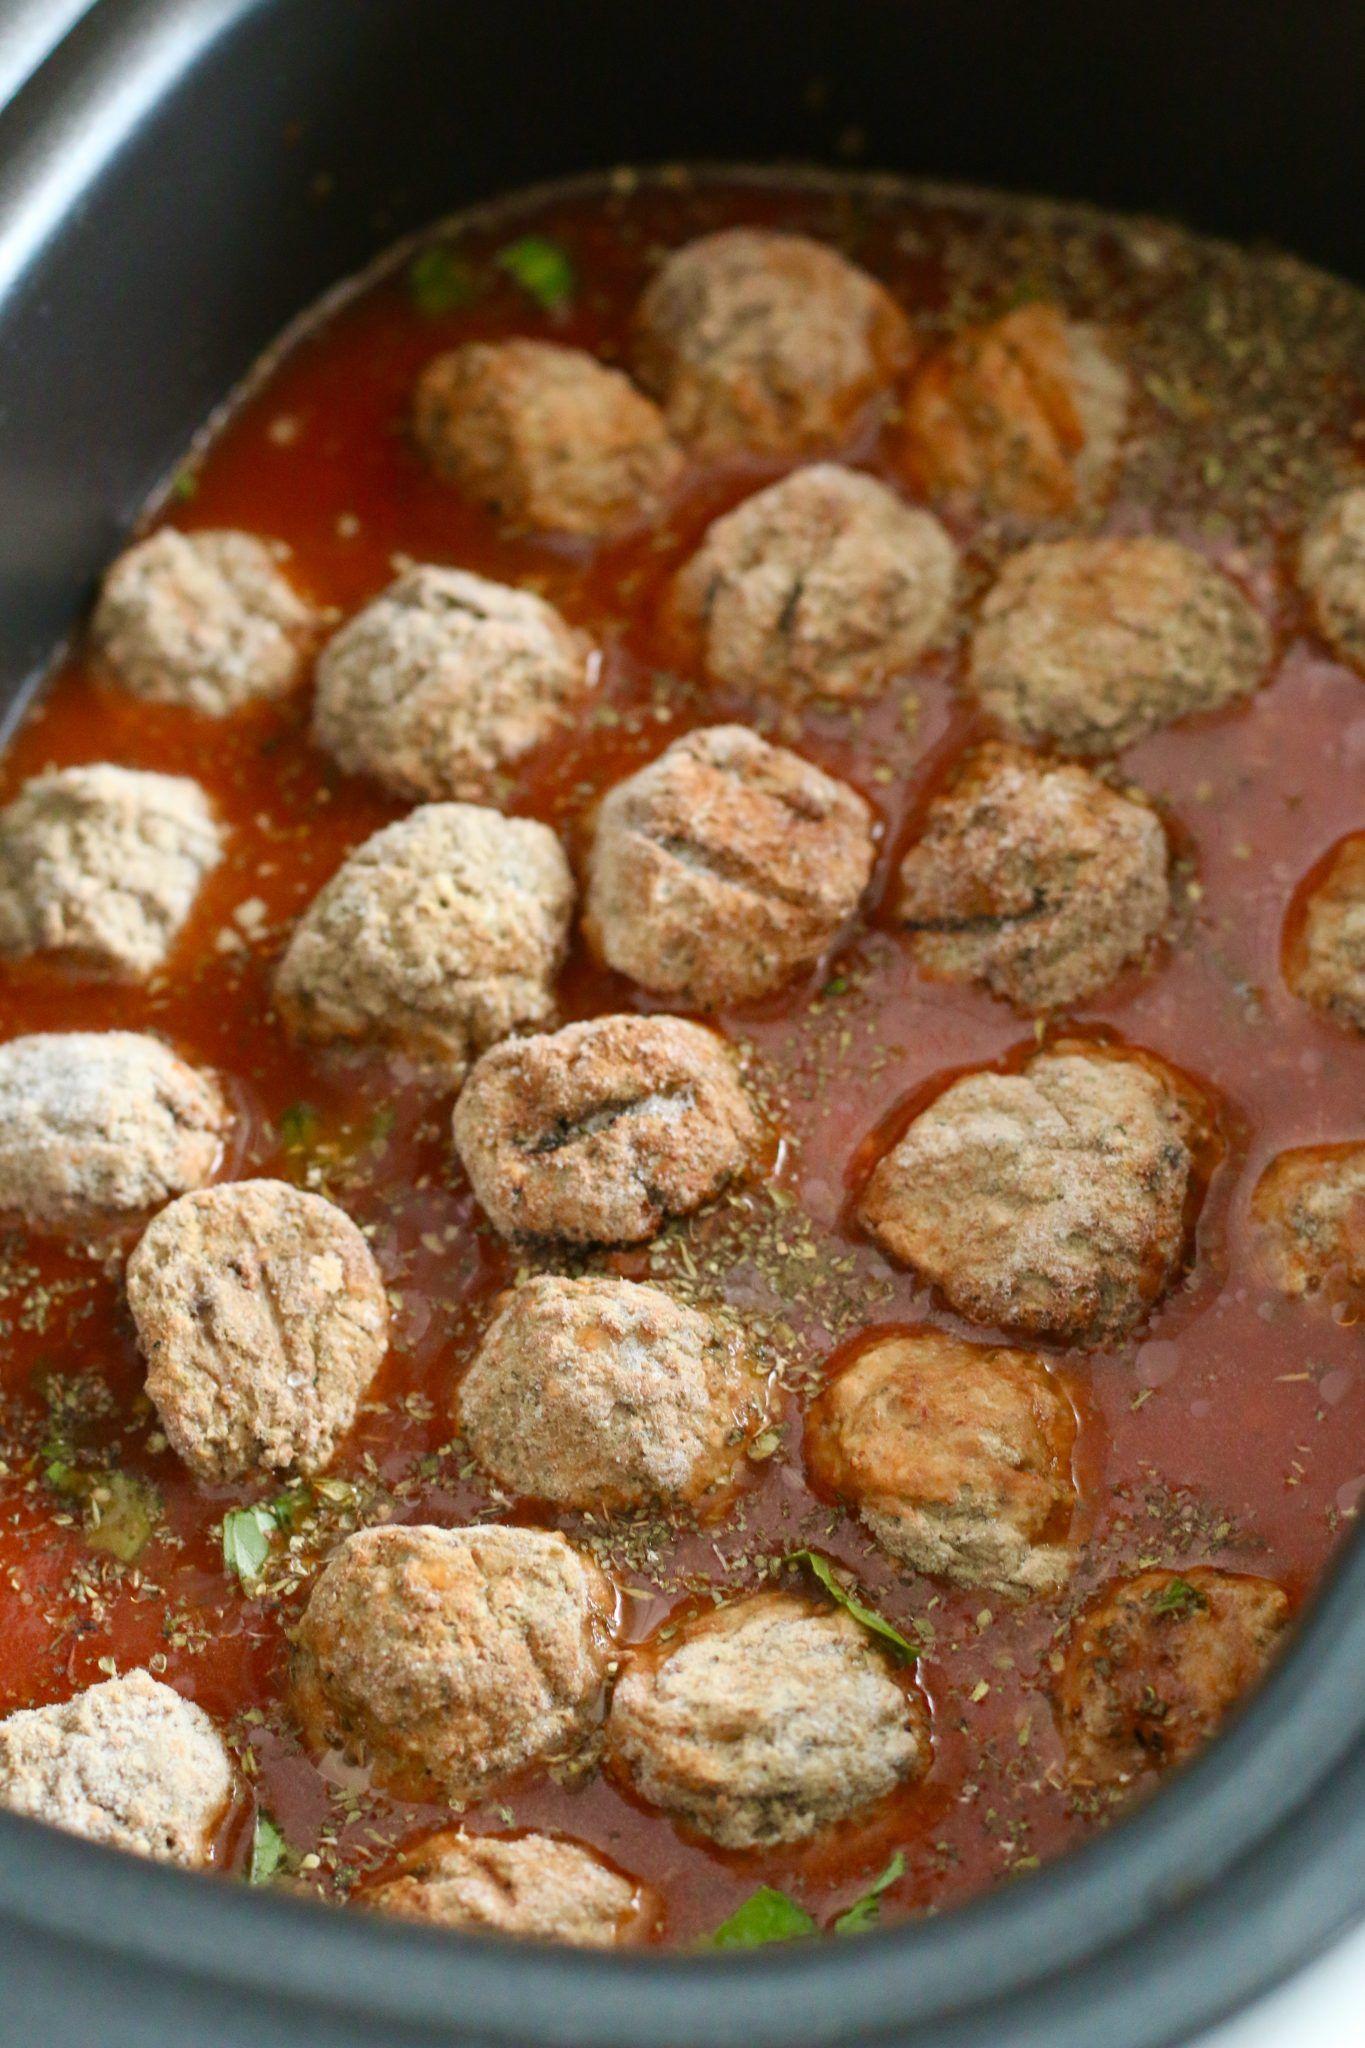 Crock pot spaghetti and meatballs recipe crock pot